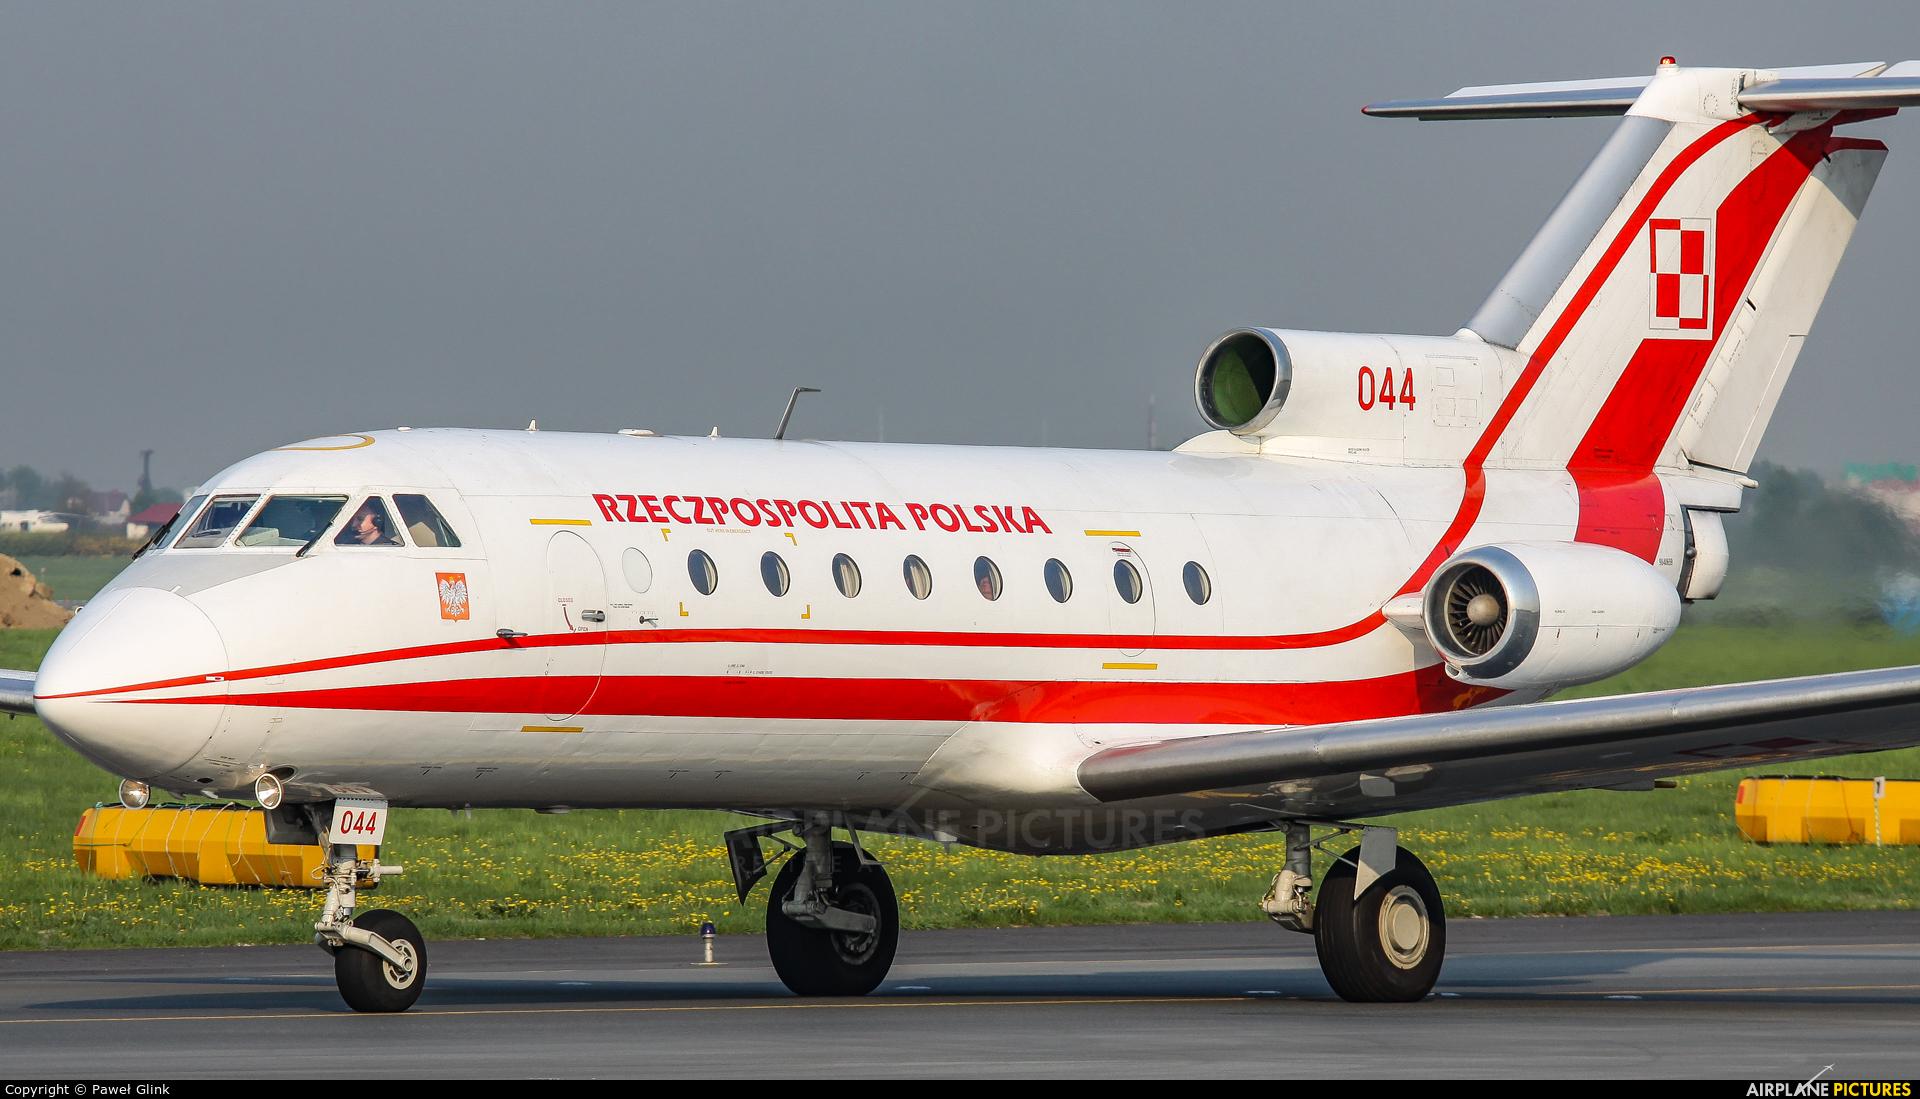 Poland - Air Force 044 aircraft at Warsaw - Frederic Chopin